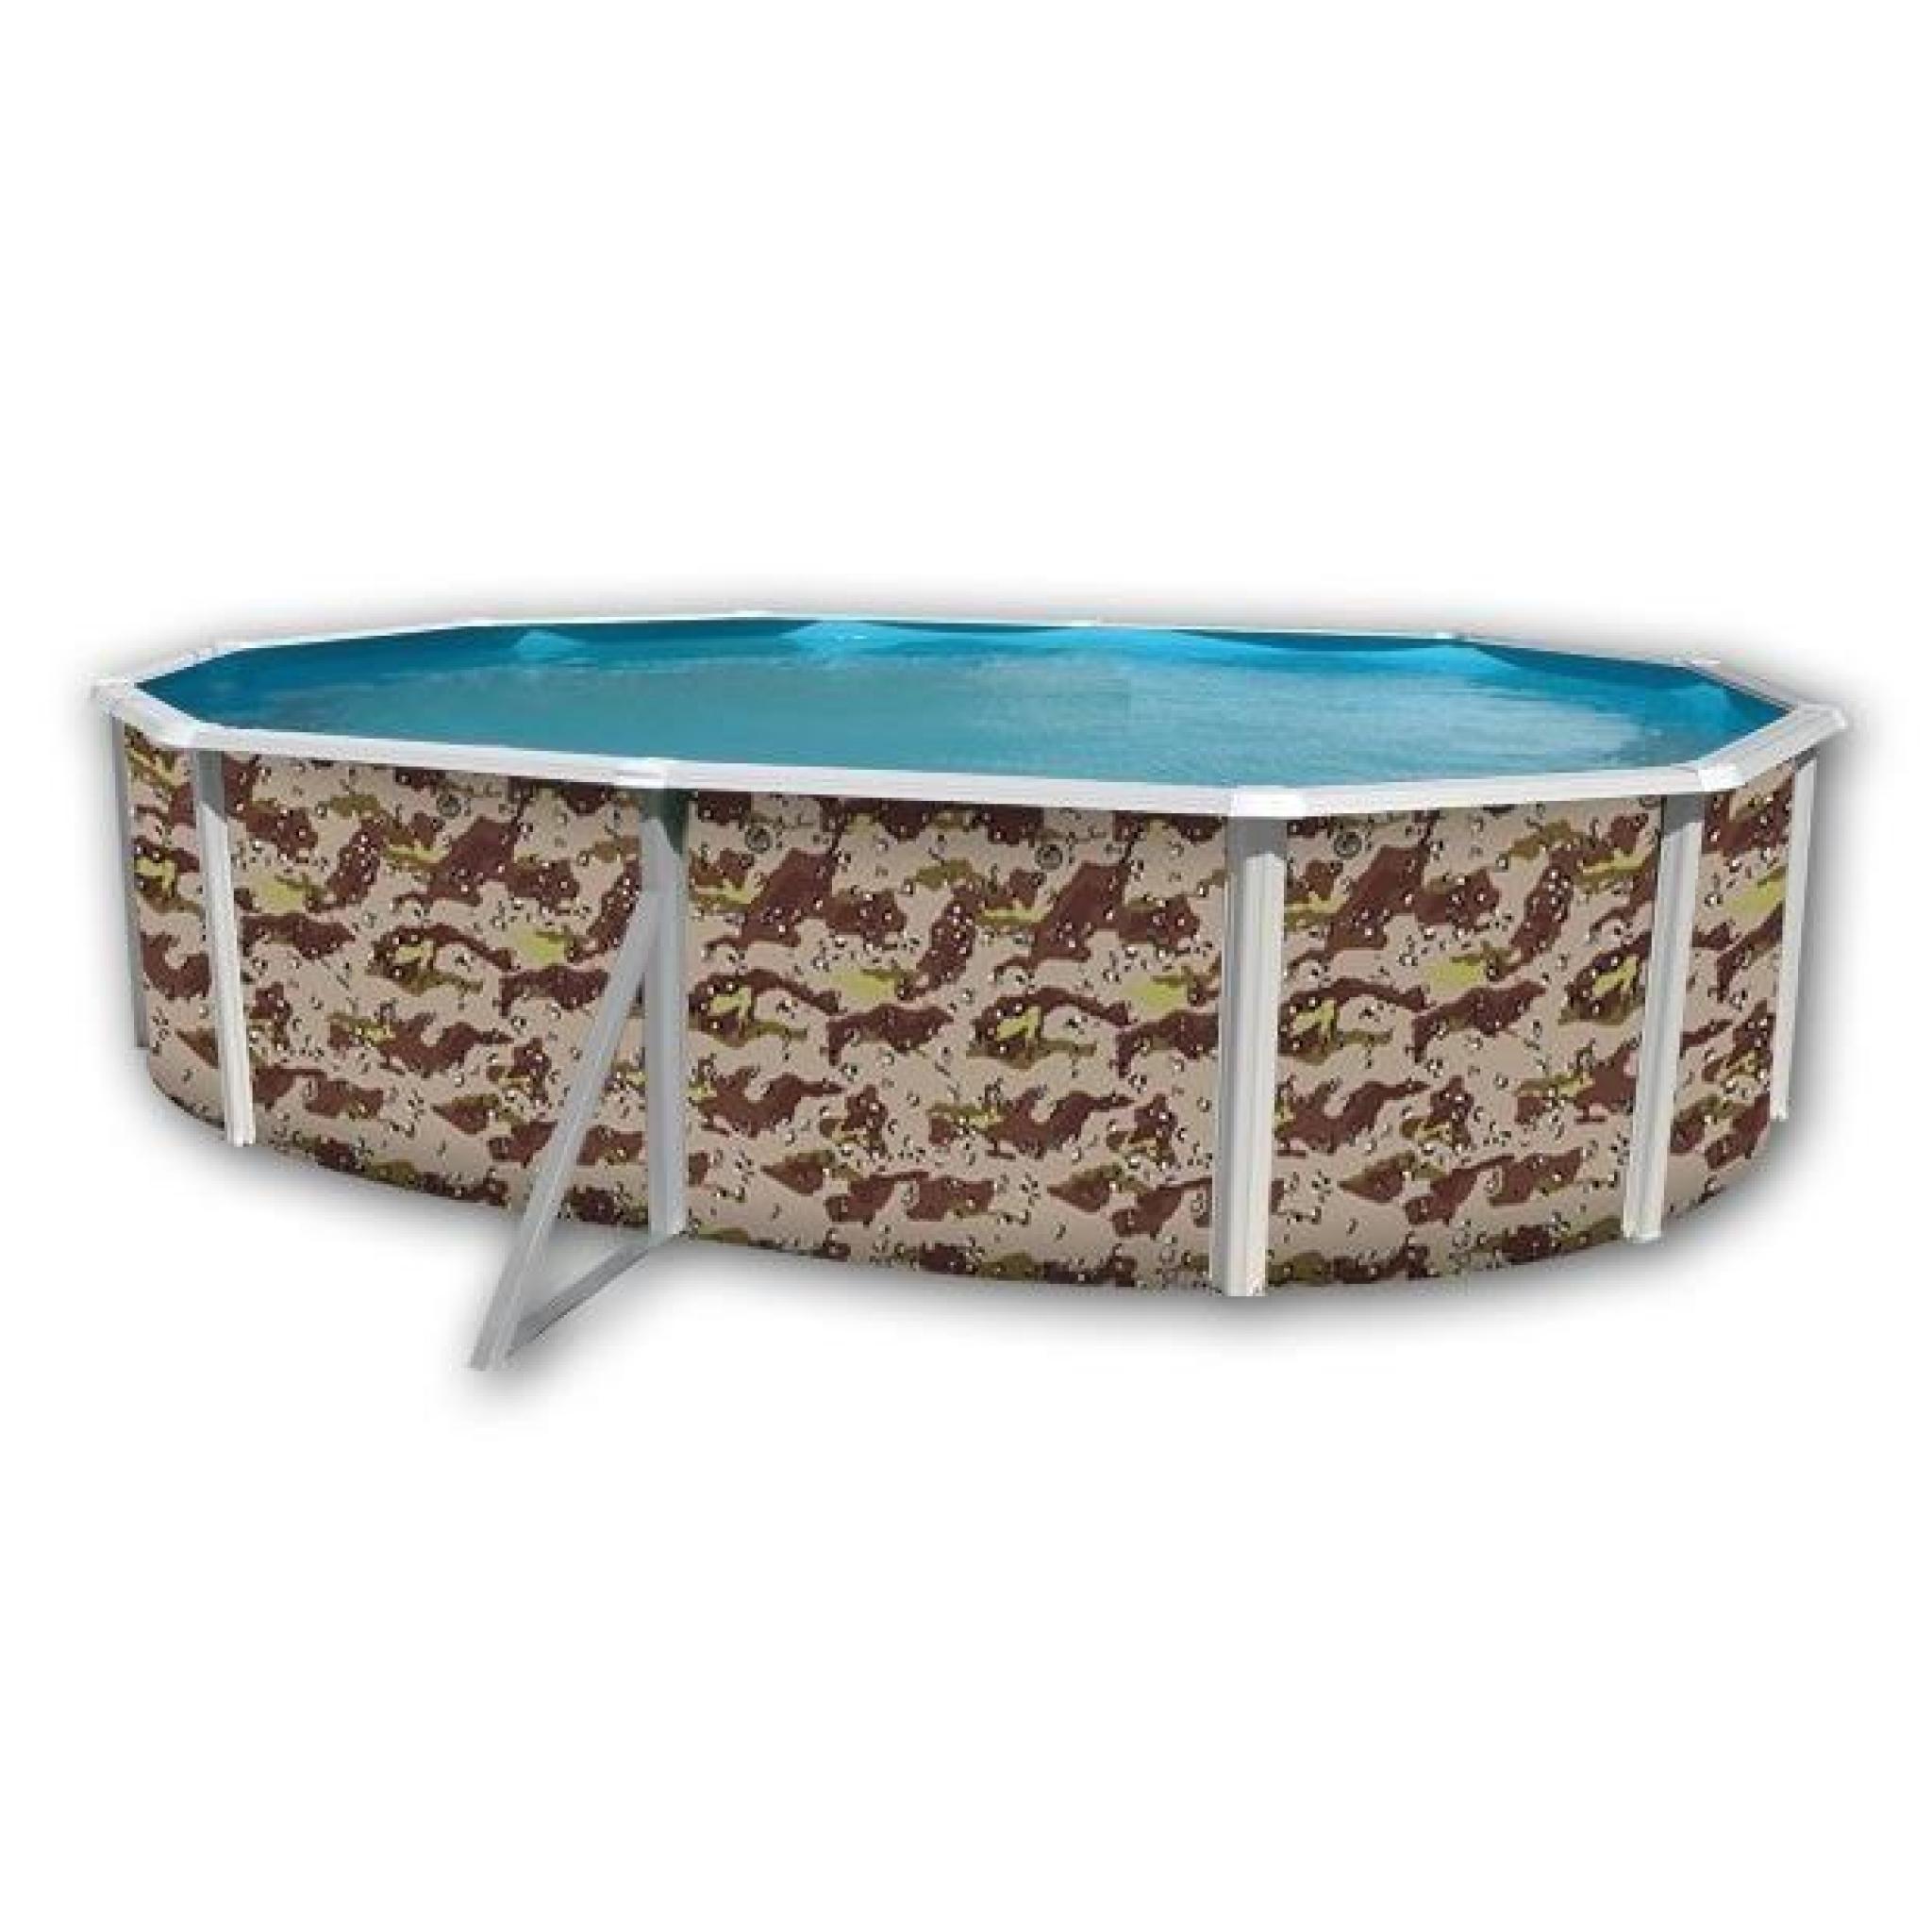 Camouflage piscine en acier ovale 550x366x120 achat - Piscine hors sol acier pas cher ...